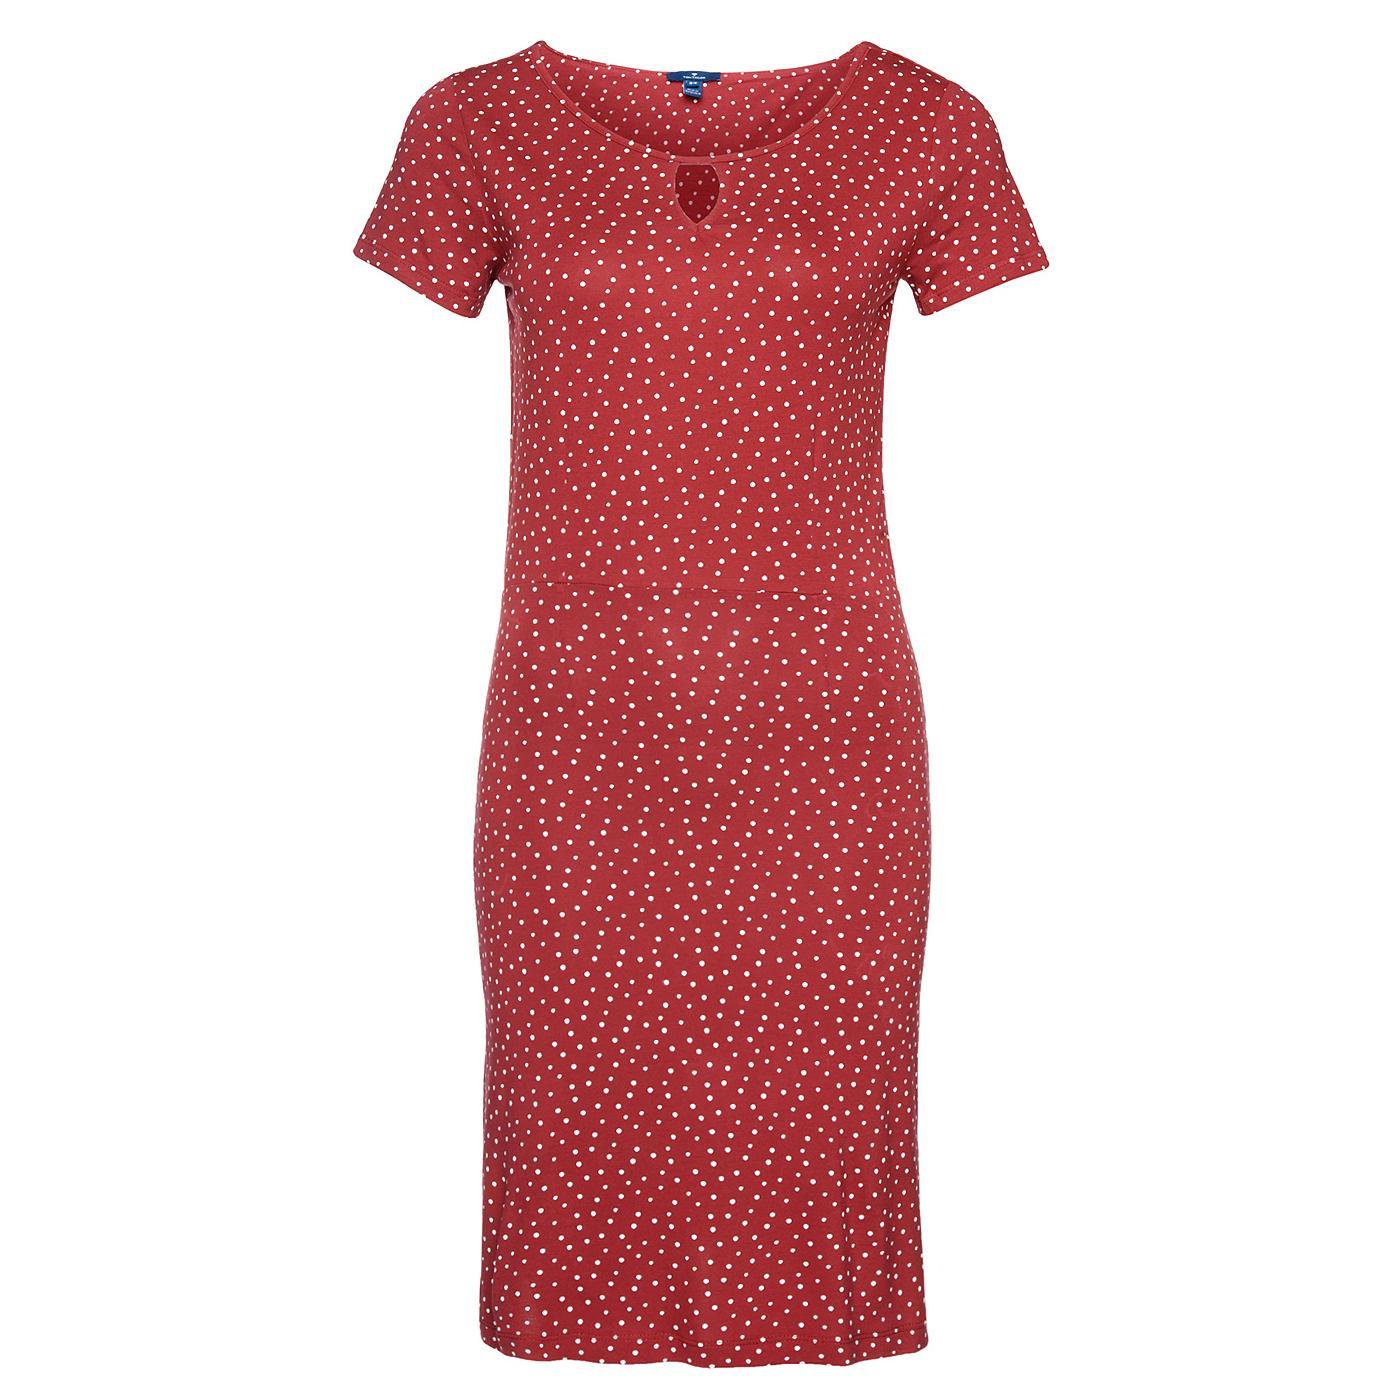 Tom Tailor jurk »Gestippelde jerseyjurk« rood